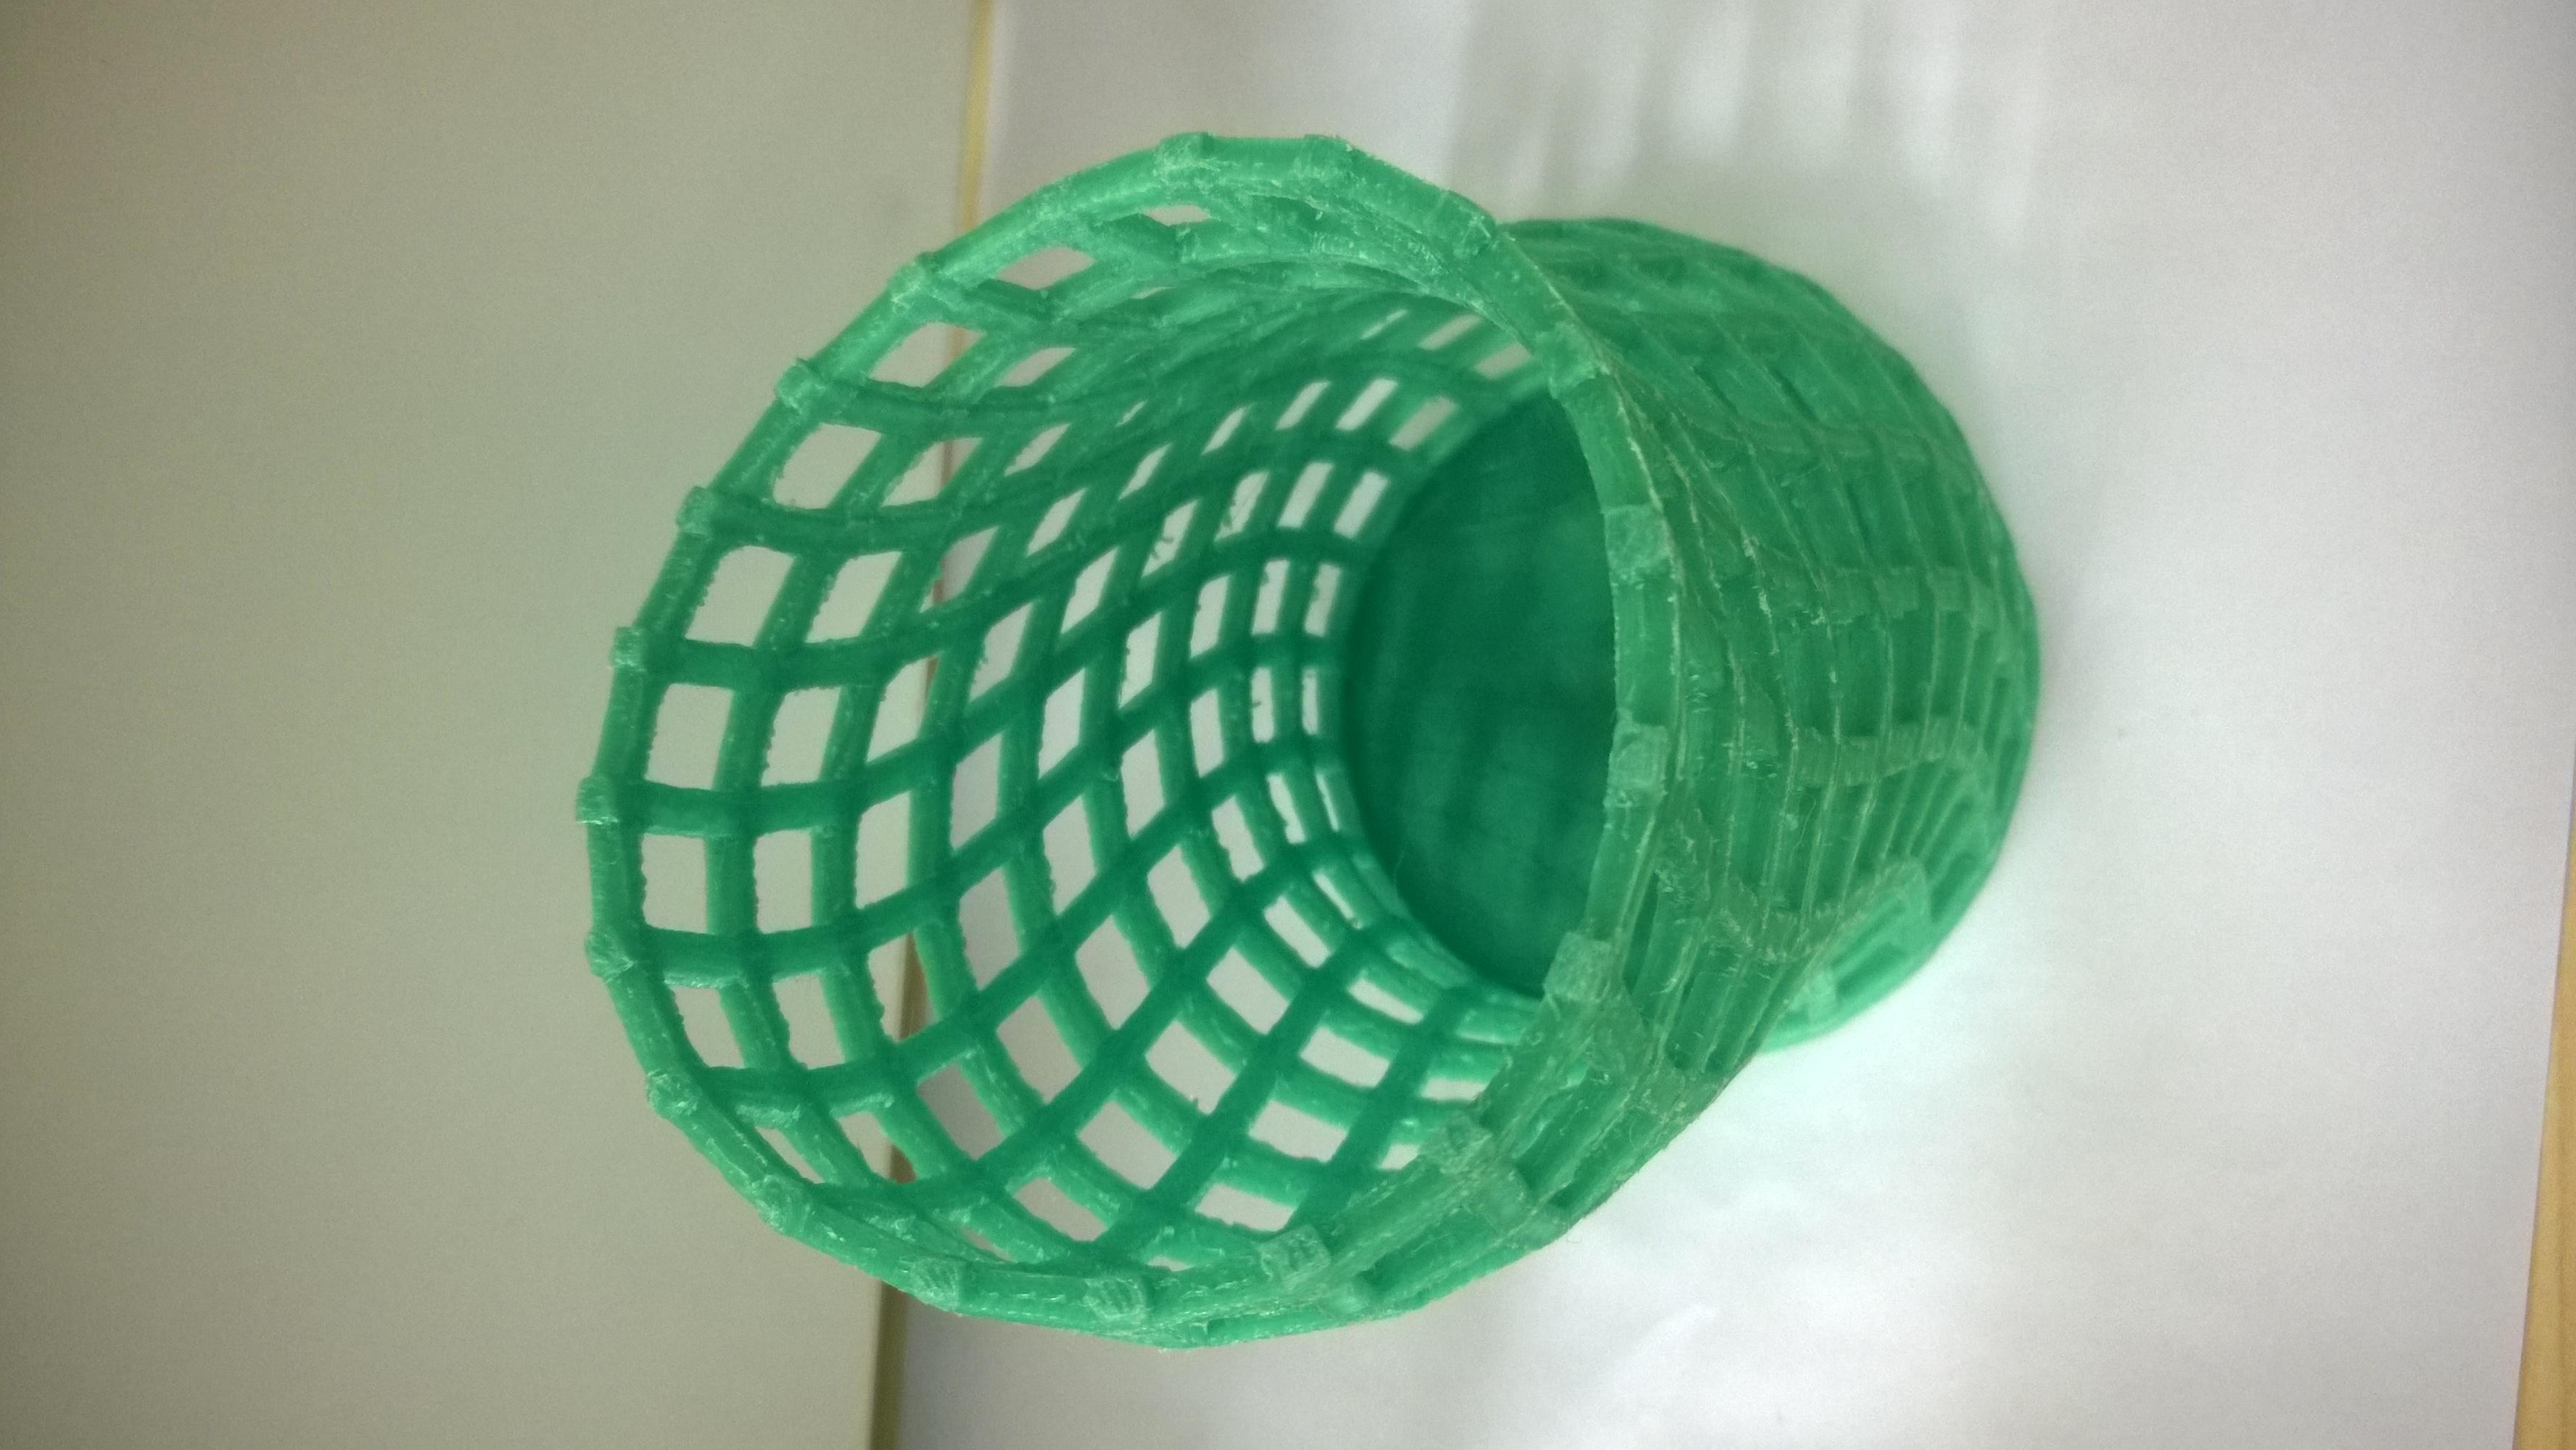 镂空笔筒003D打印模型,镂空笔筒003D模型下载,3D打印镂空笔筒00模型下载,镂空笔筒003D模型,镂空笔筒00STL格式文件,镂空笔筒003D打印模型免费下载,3D打印模型库